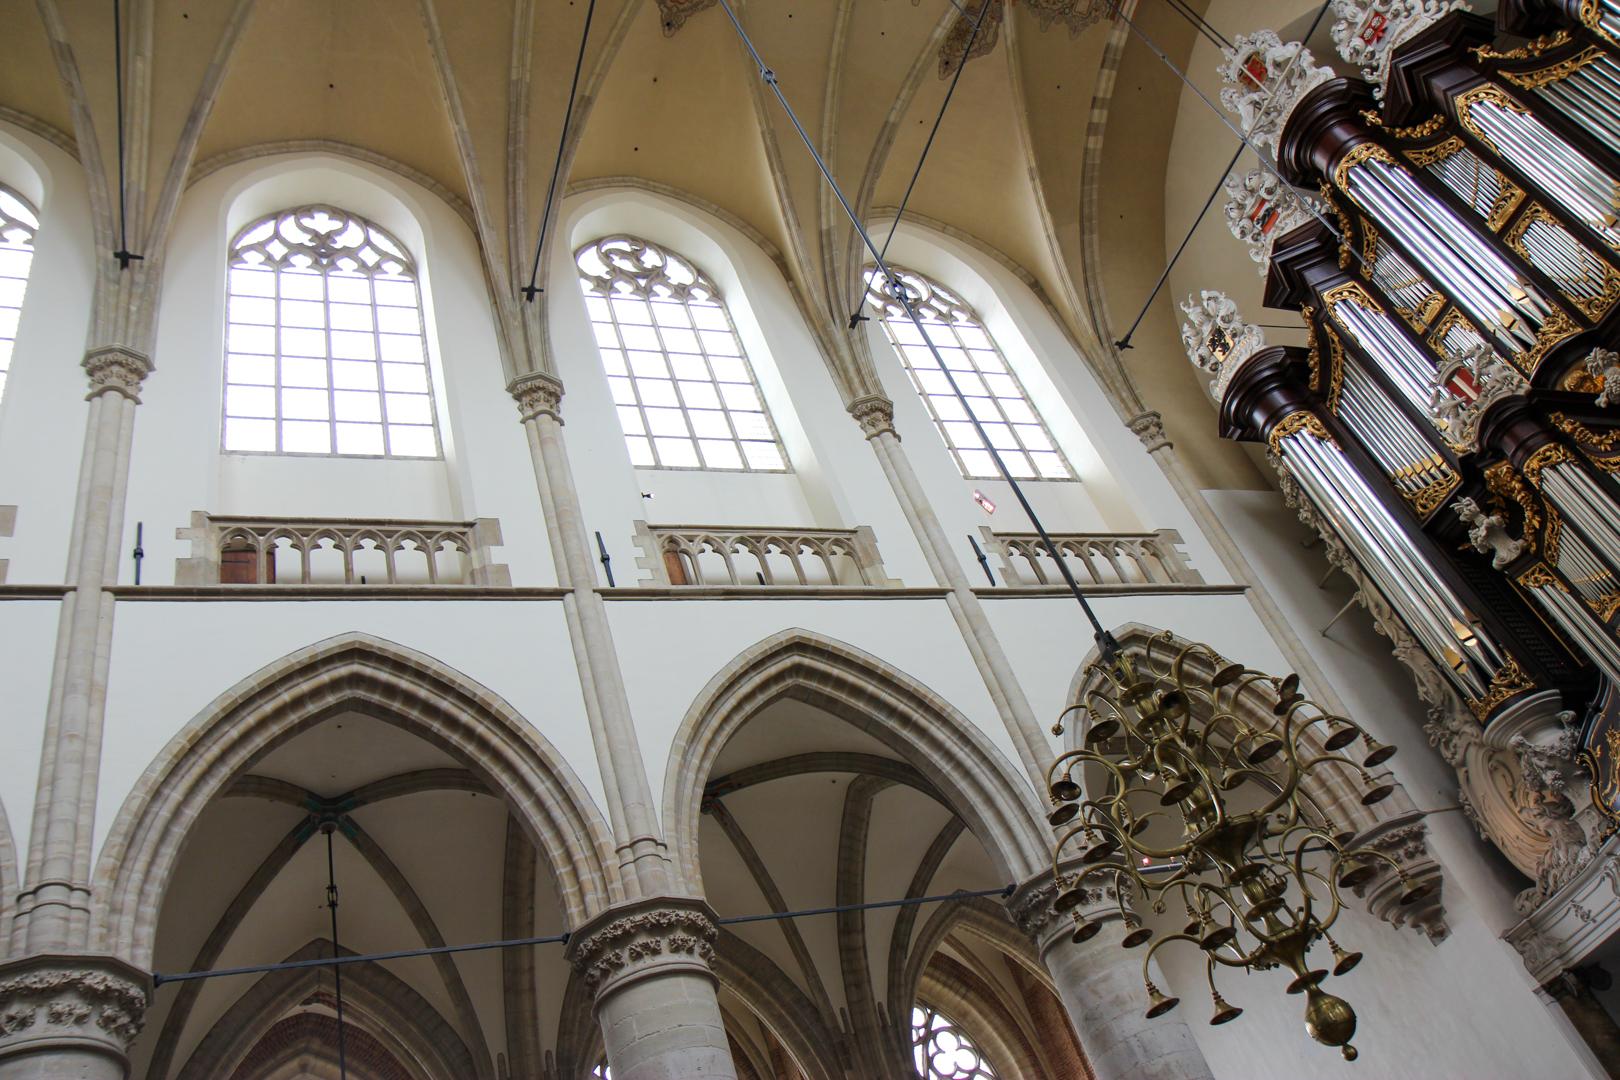 model 'Dordt' Orgelmakerij Noorlander